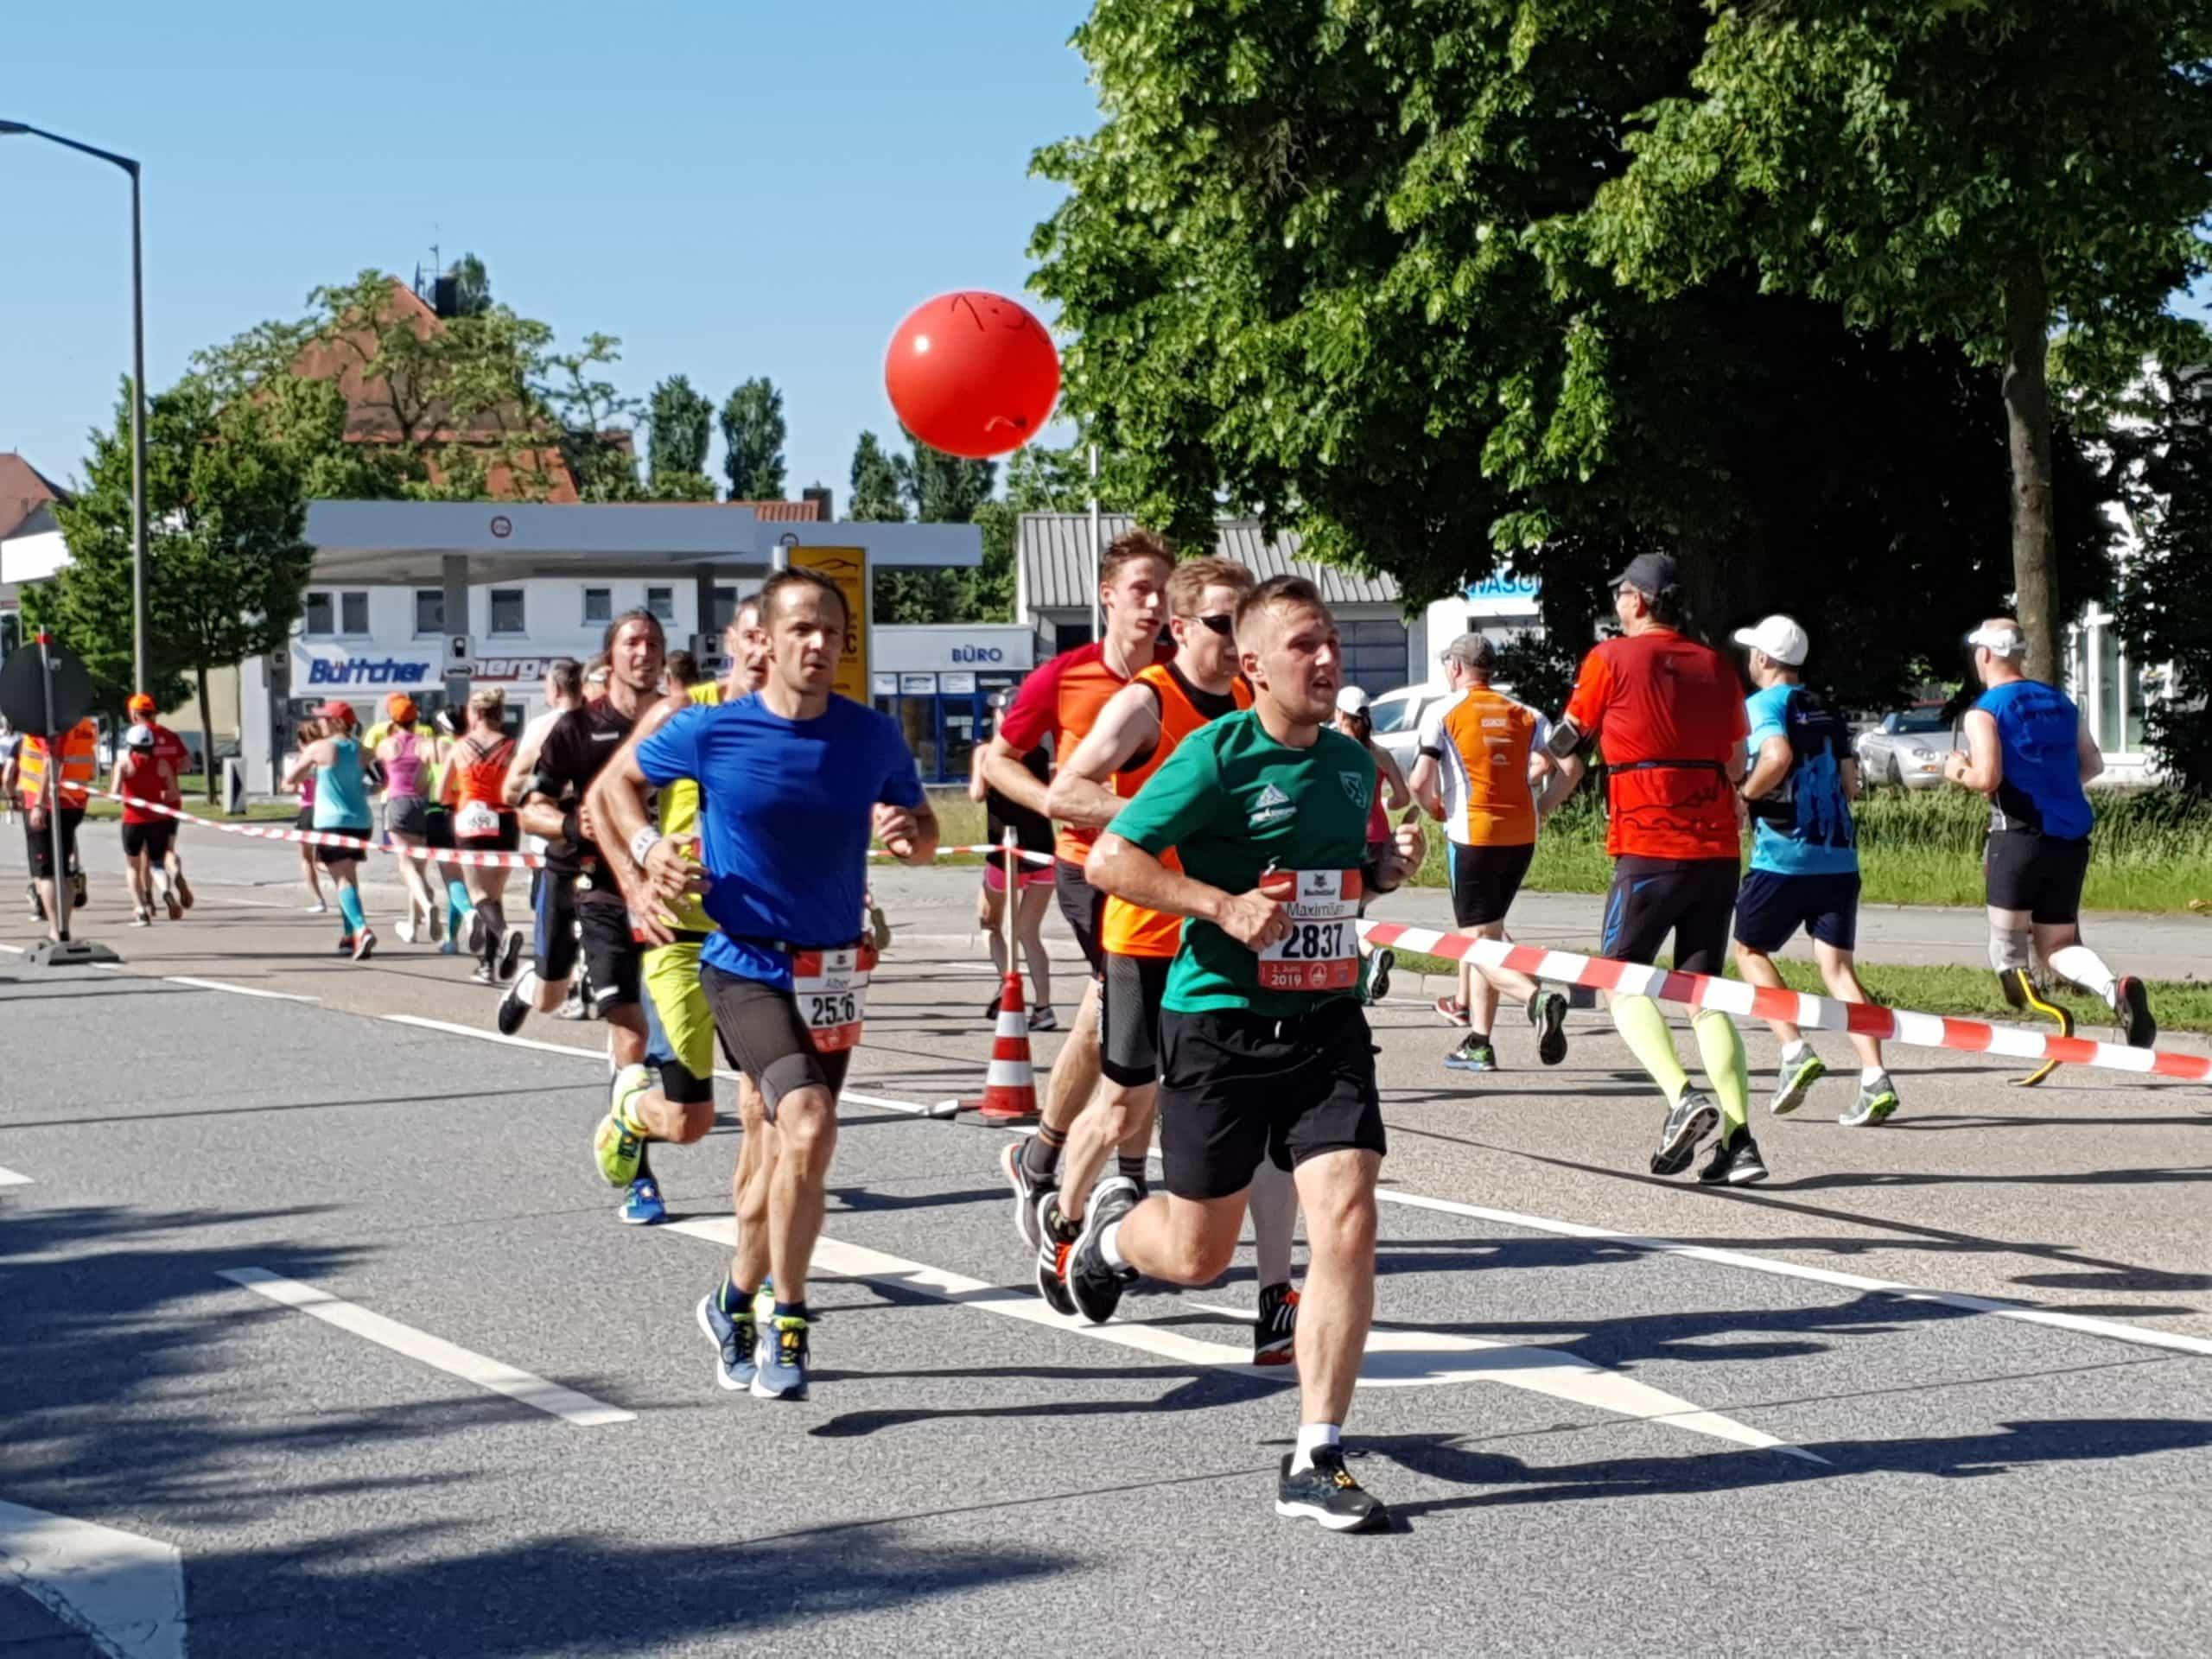 Regensburg Marathon für Kinder Virtueller Lauf soll kleine Sportler in der Corona-Krise fit halten